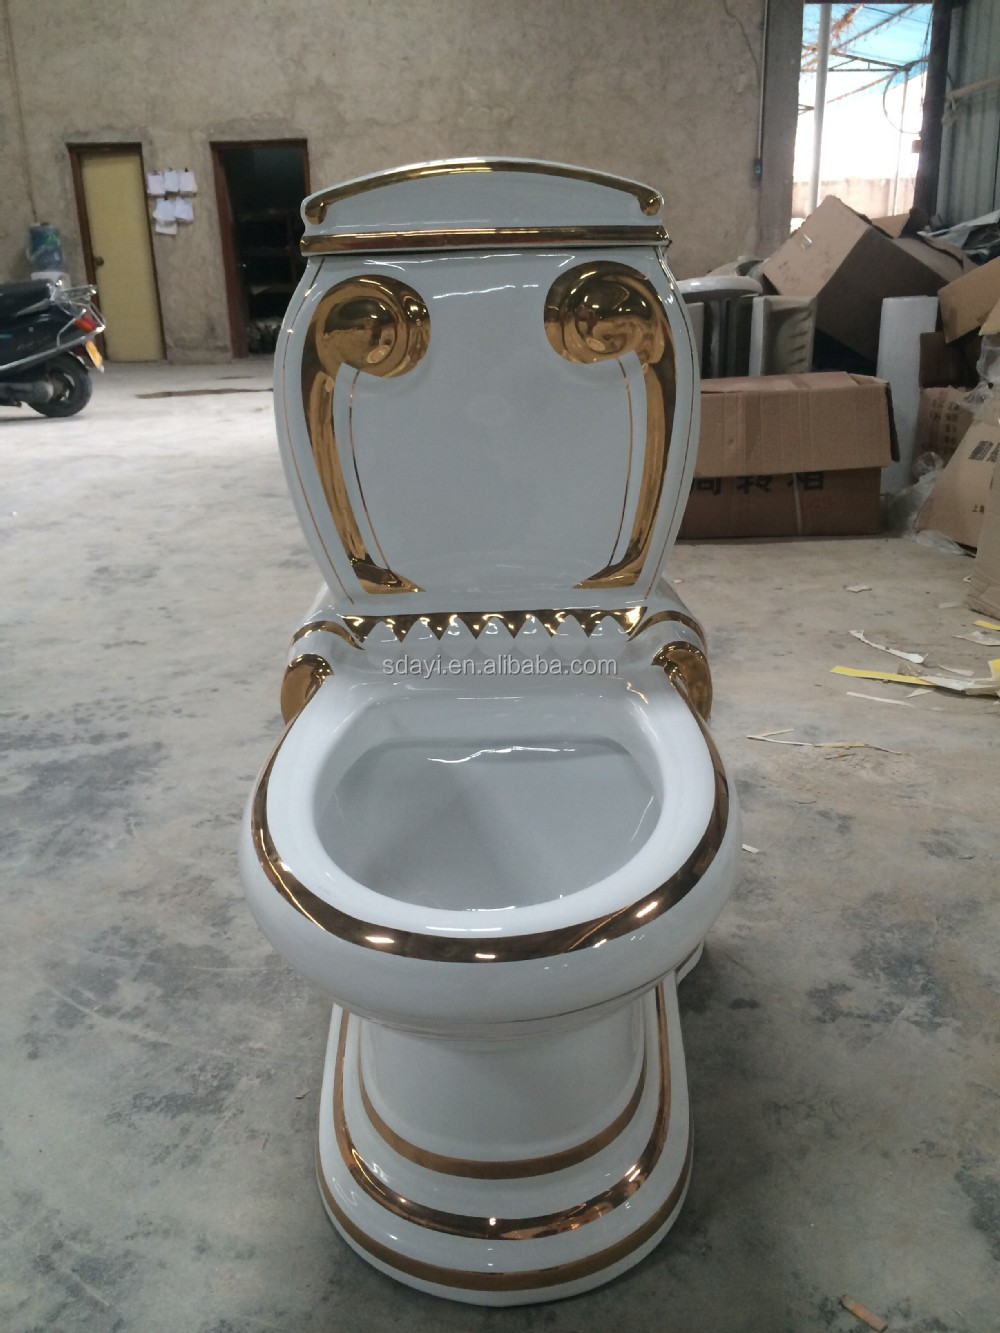 ceramic color toilet bowl bidet pedestal basin sanitary. Black Bedroom Furniture Sets. Home Design Ideas